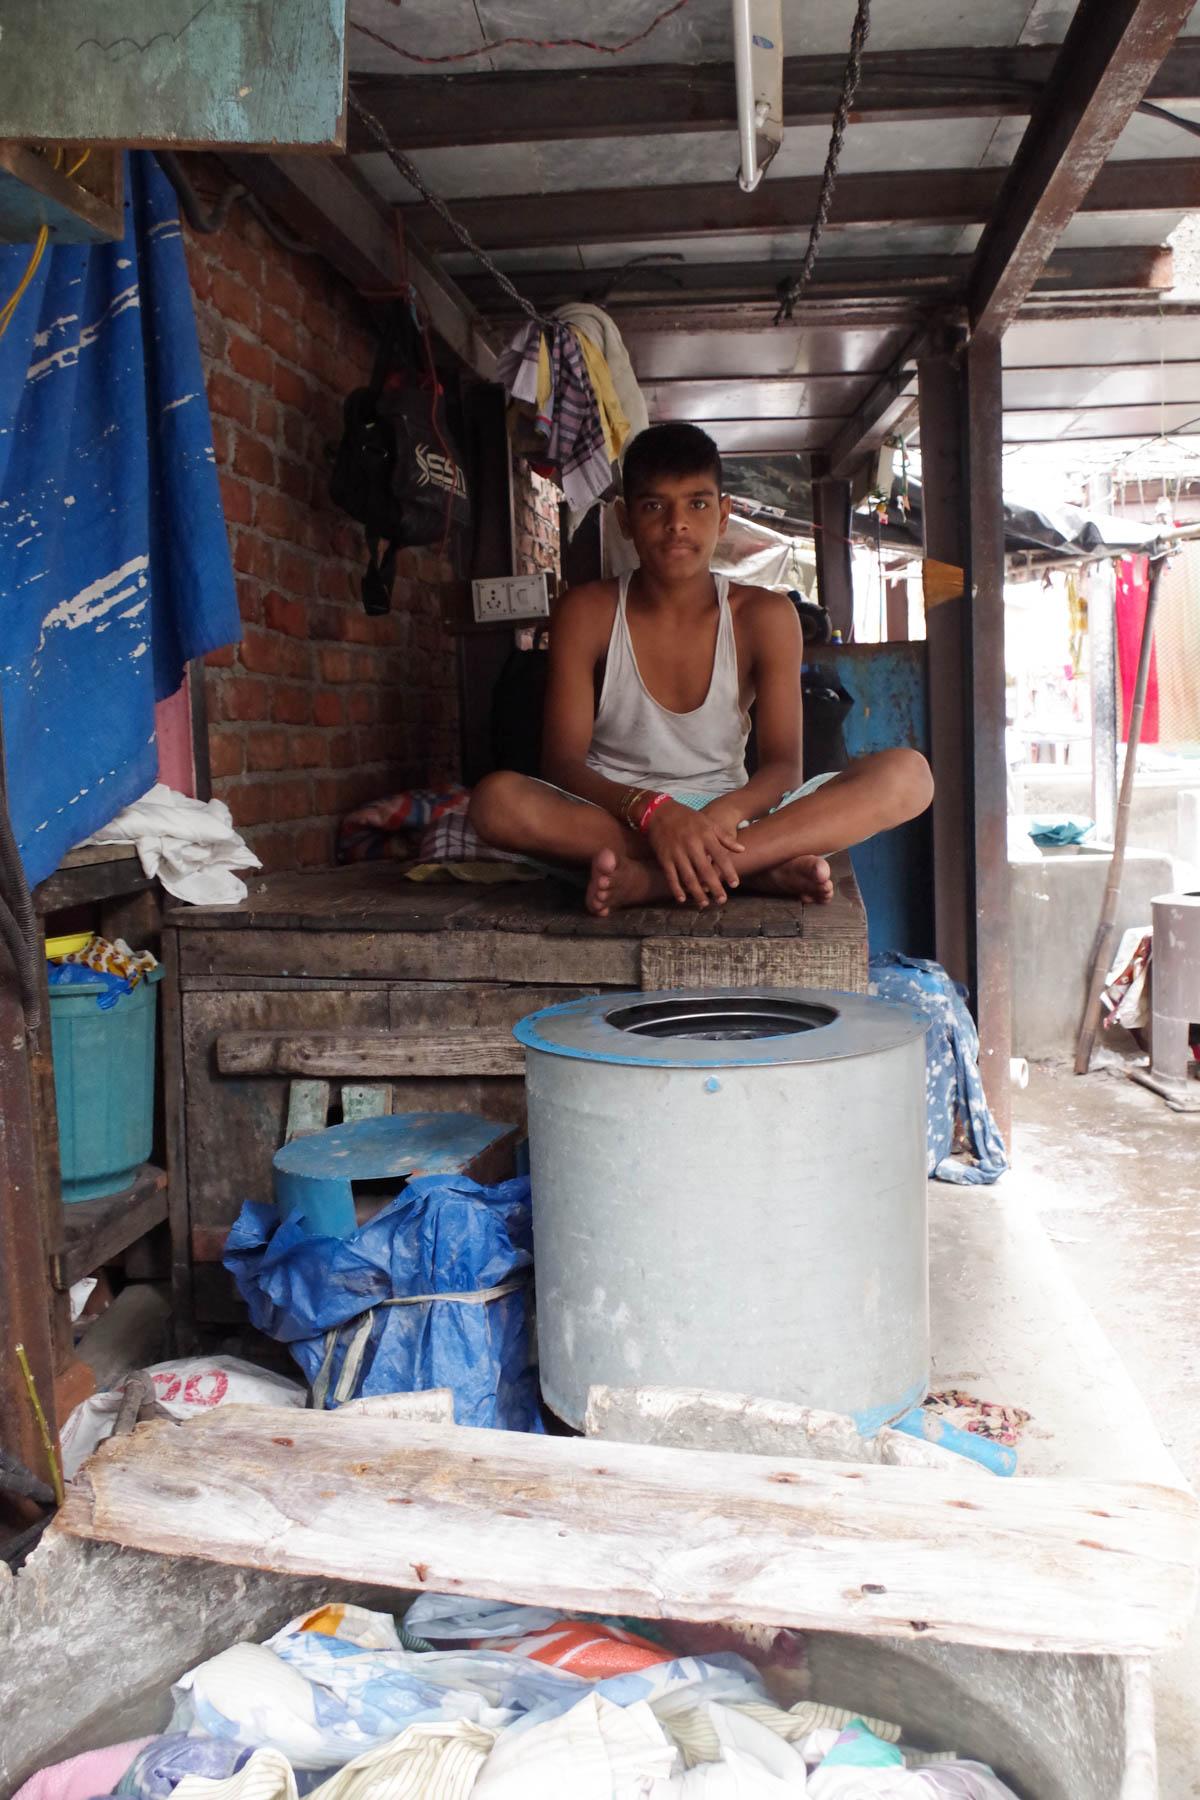 ムンバイ 巨大洗濯工場 ドービーガート 休憩する人